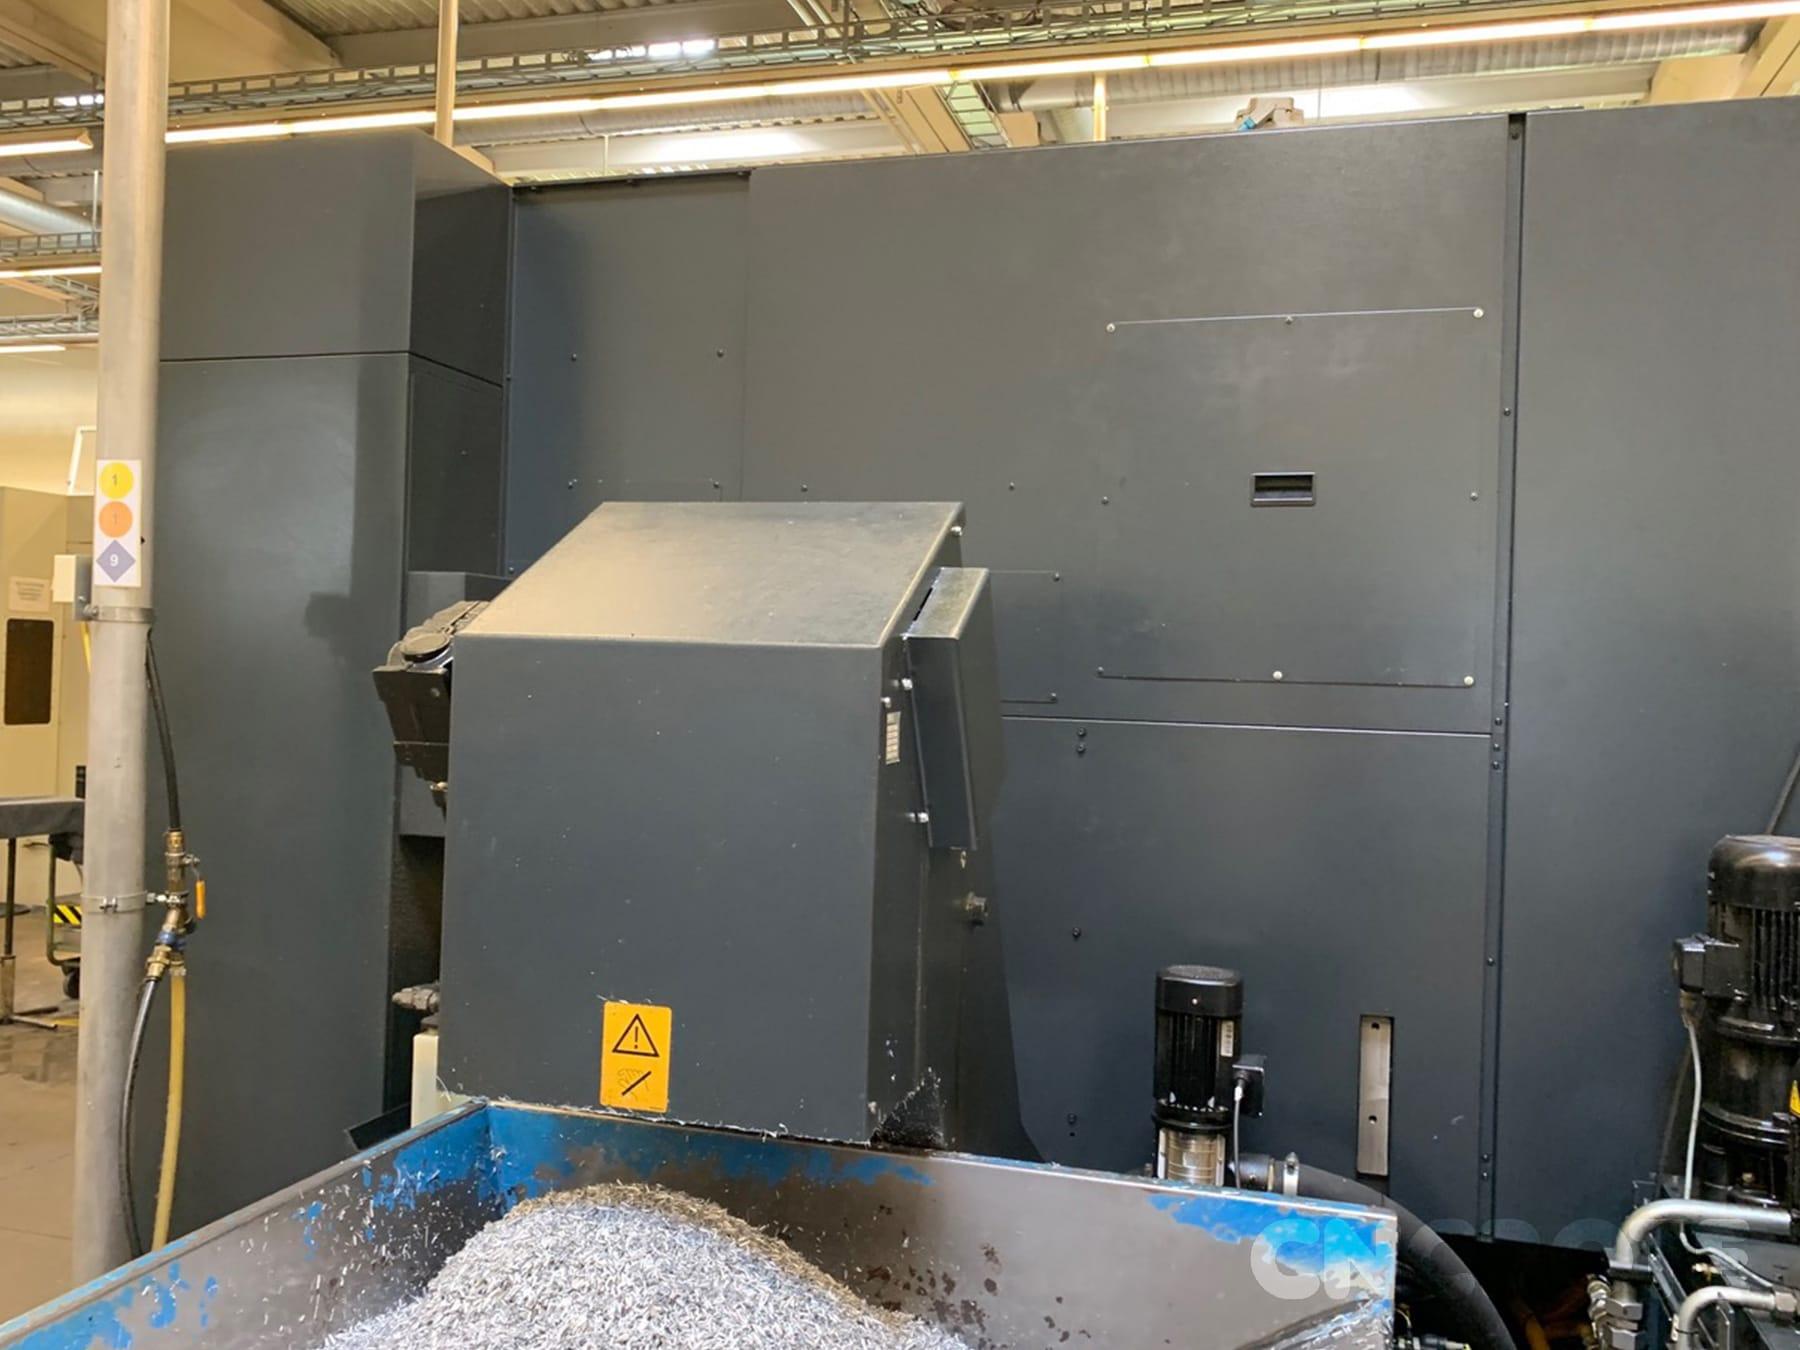 Deckel Maho DMG NHX 5000 Bearbeitungszentrum